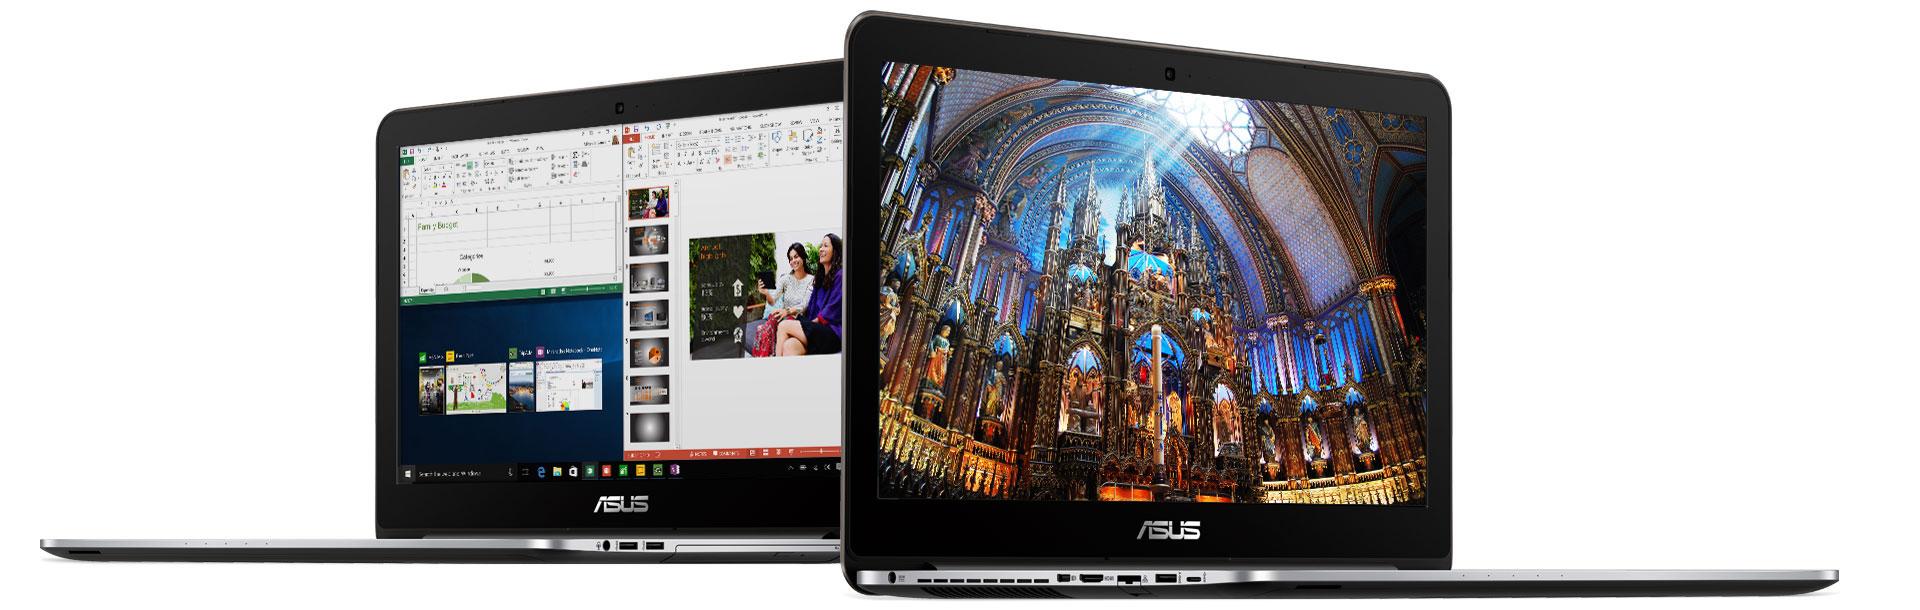 لپ تاپ ۱۵ اینچی ایسوس مدل N552VW - A